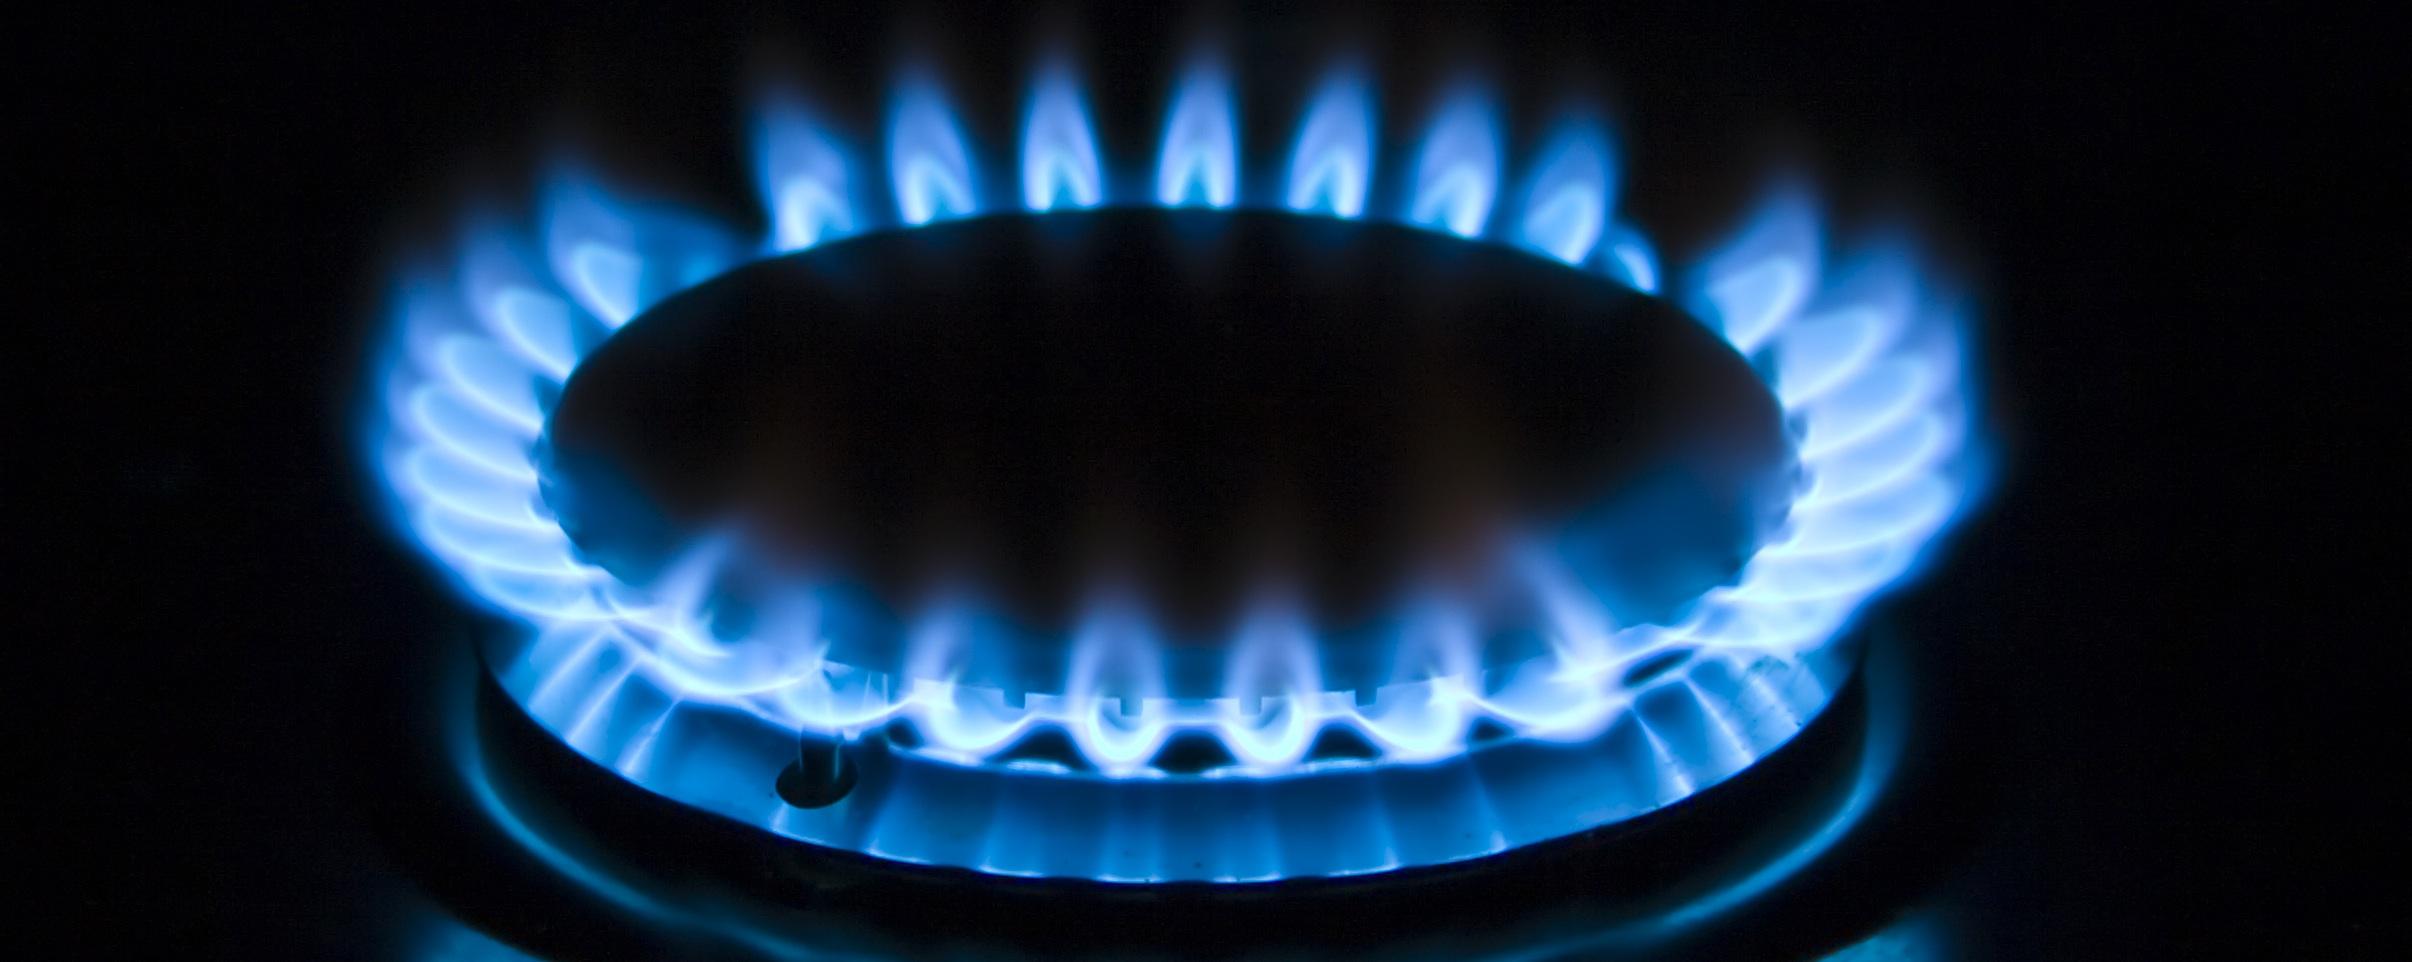 Natural Gas Wave Analysis – 22 October, 2019